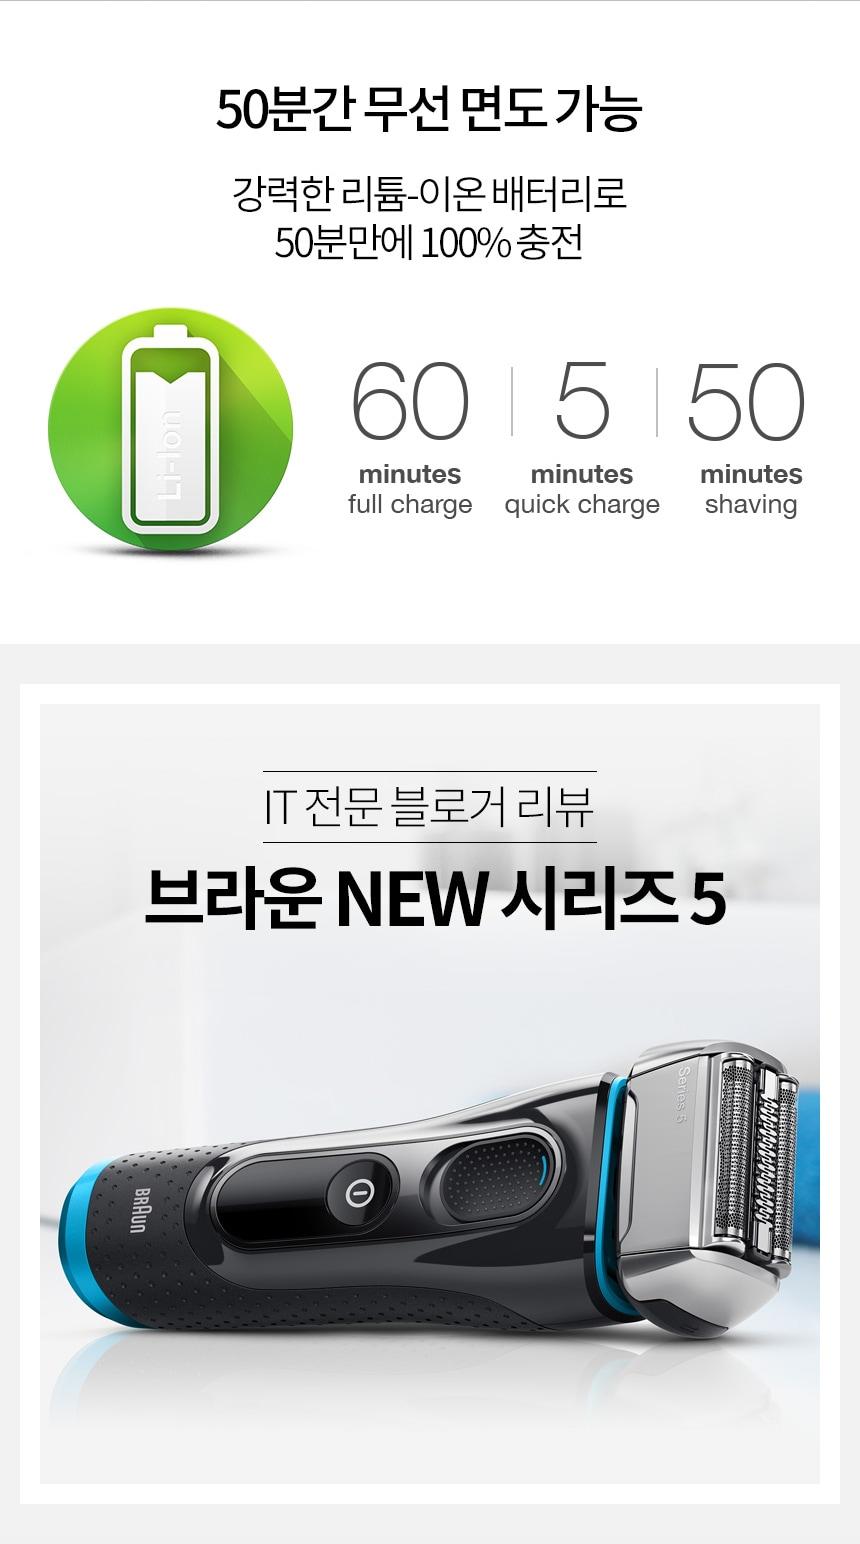 50분간 무선 면도 가능 강력한 리튬 이온 배터리로 50분만에 100% 충전, IT전문 블로거 리뷰 브라운 NEW 시리즈 5